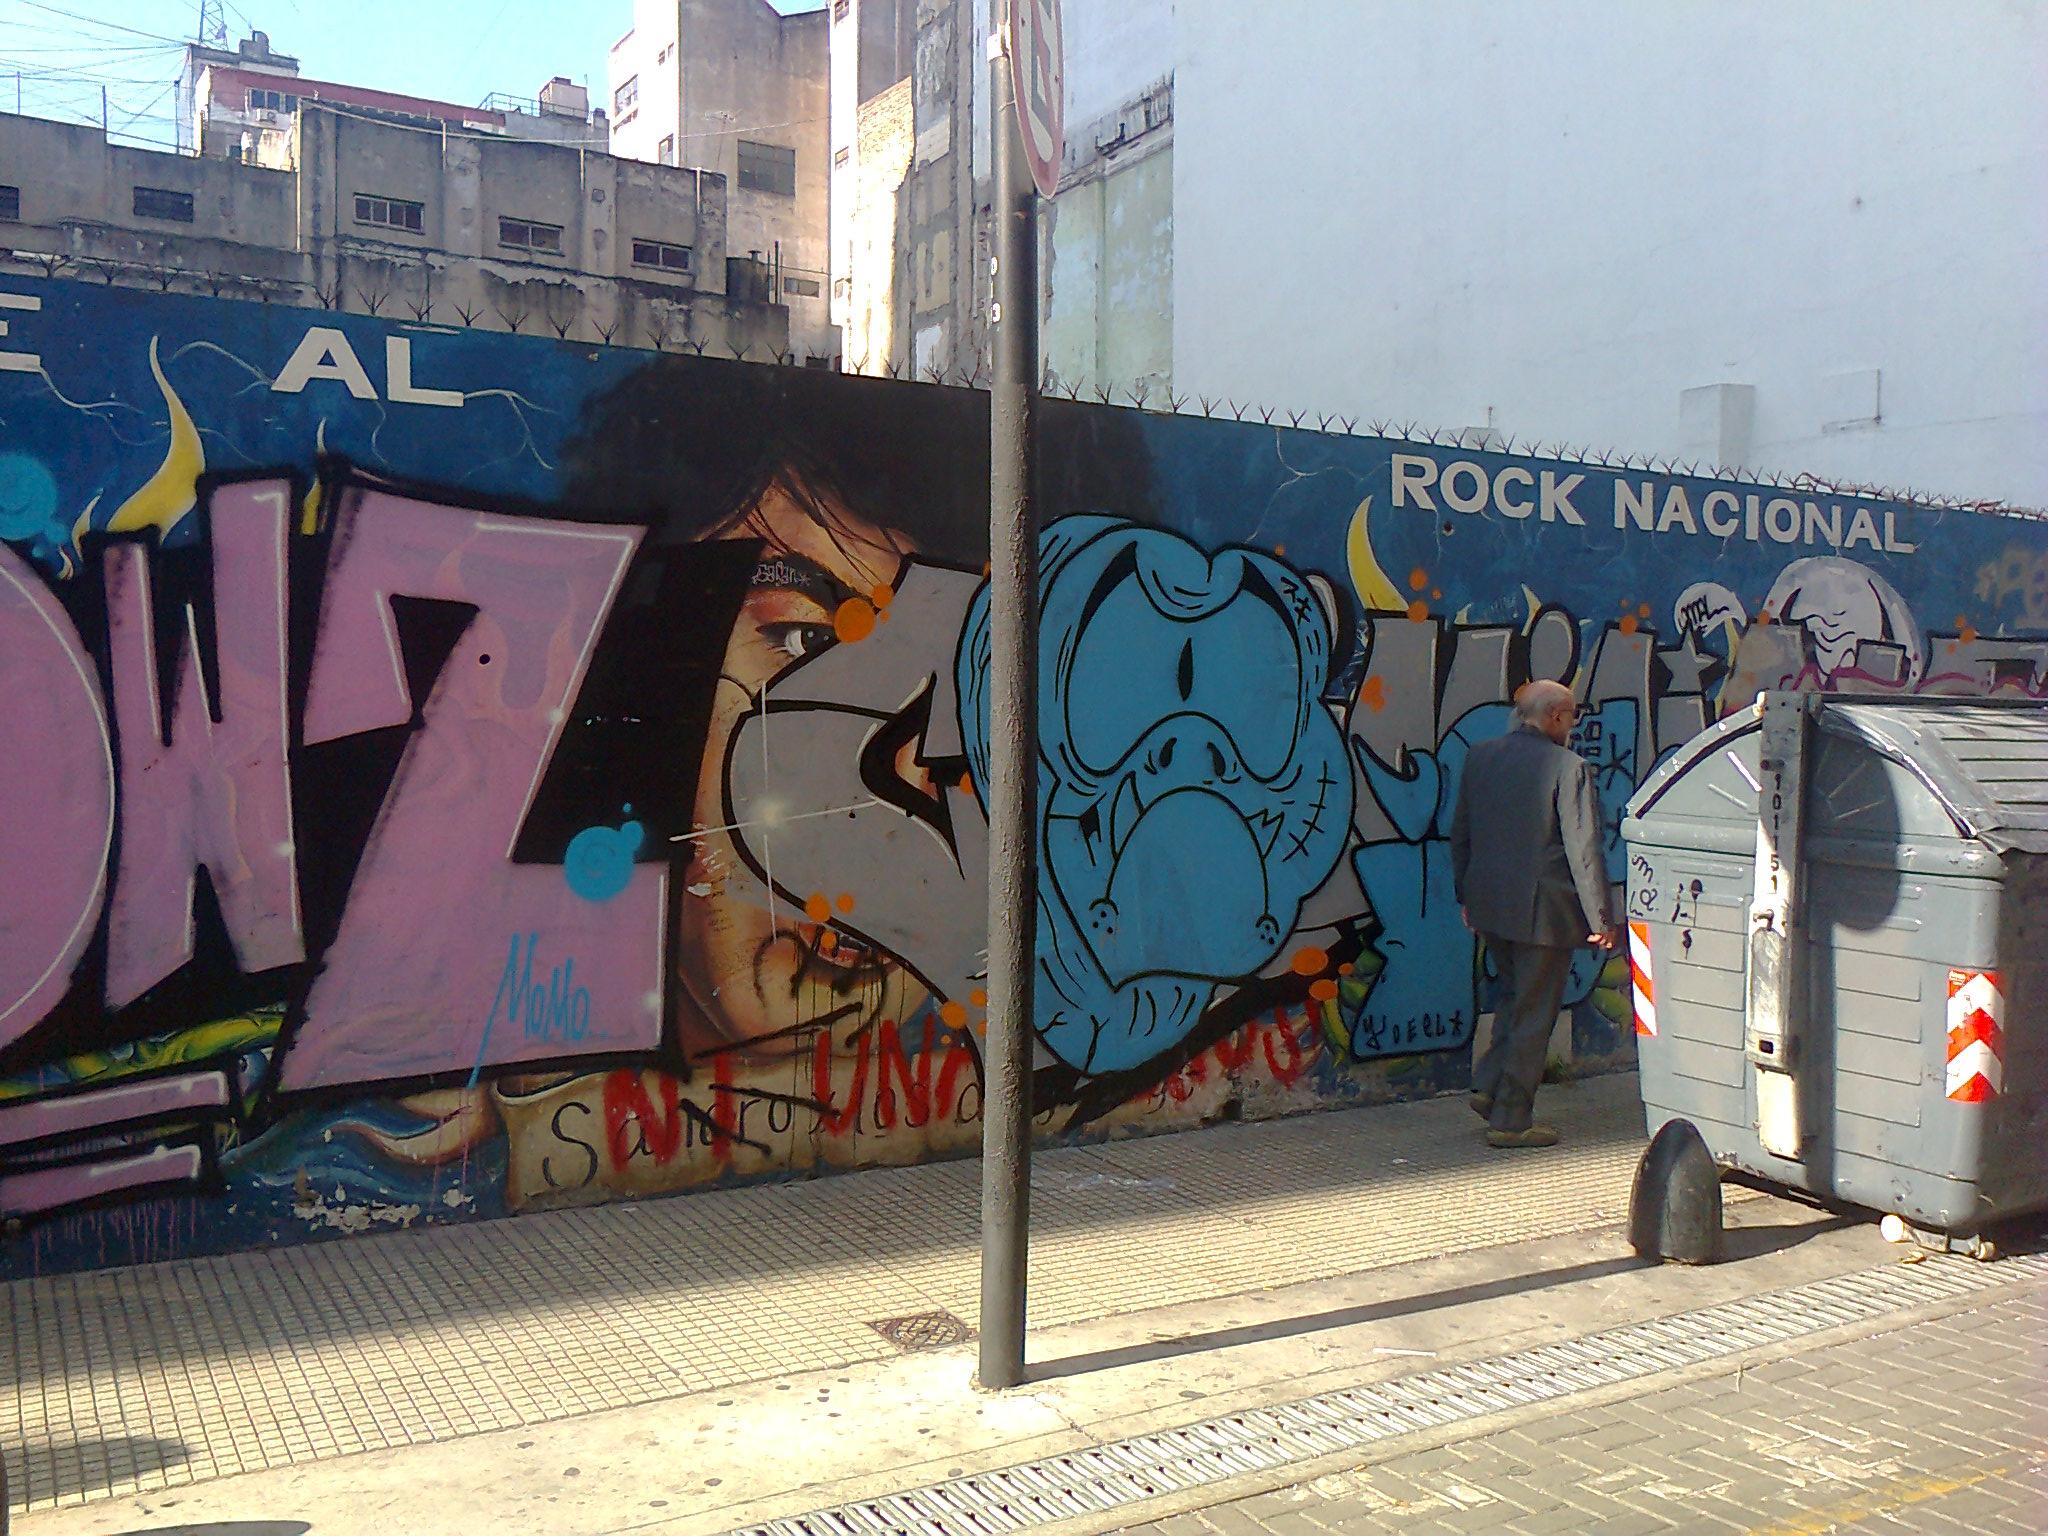 Arruinaron el mural en homenaje a Sandro